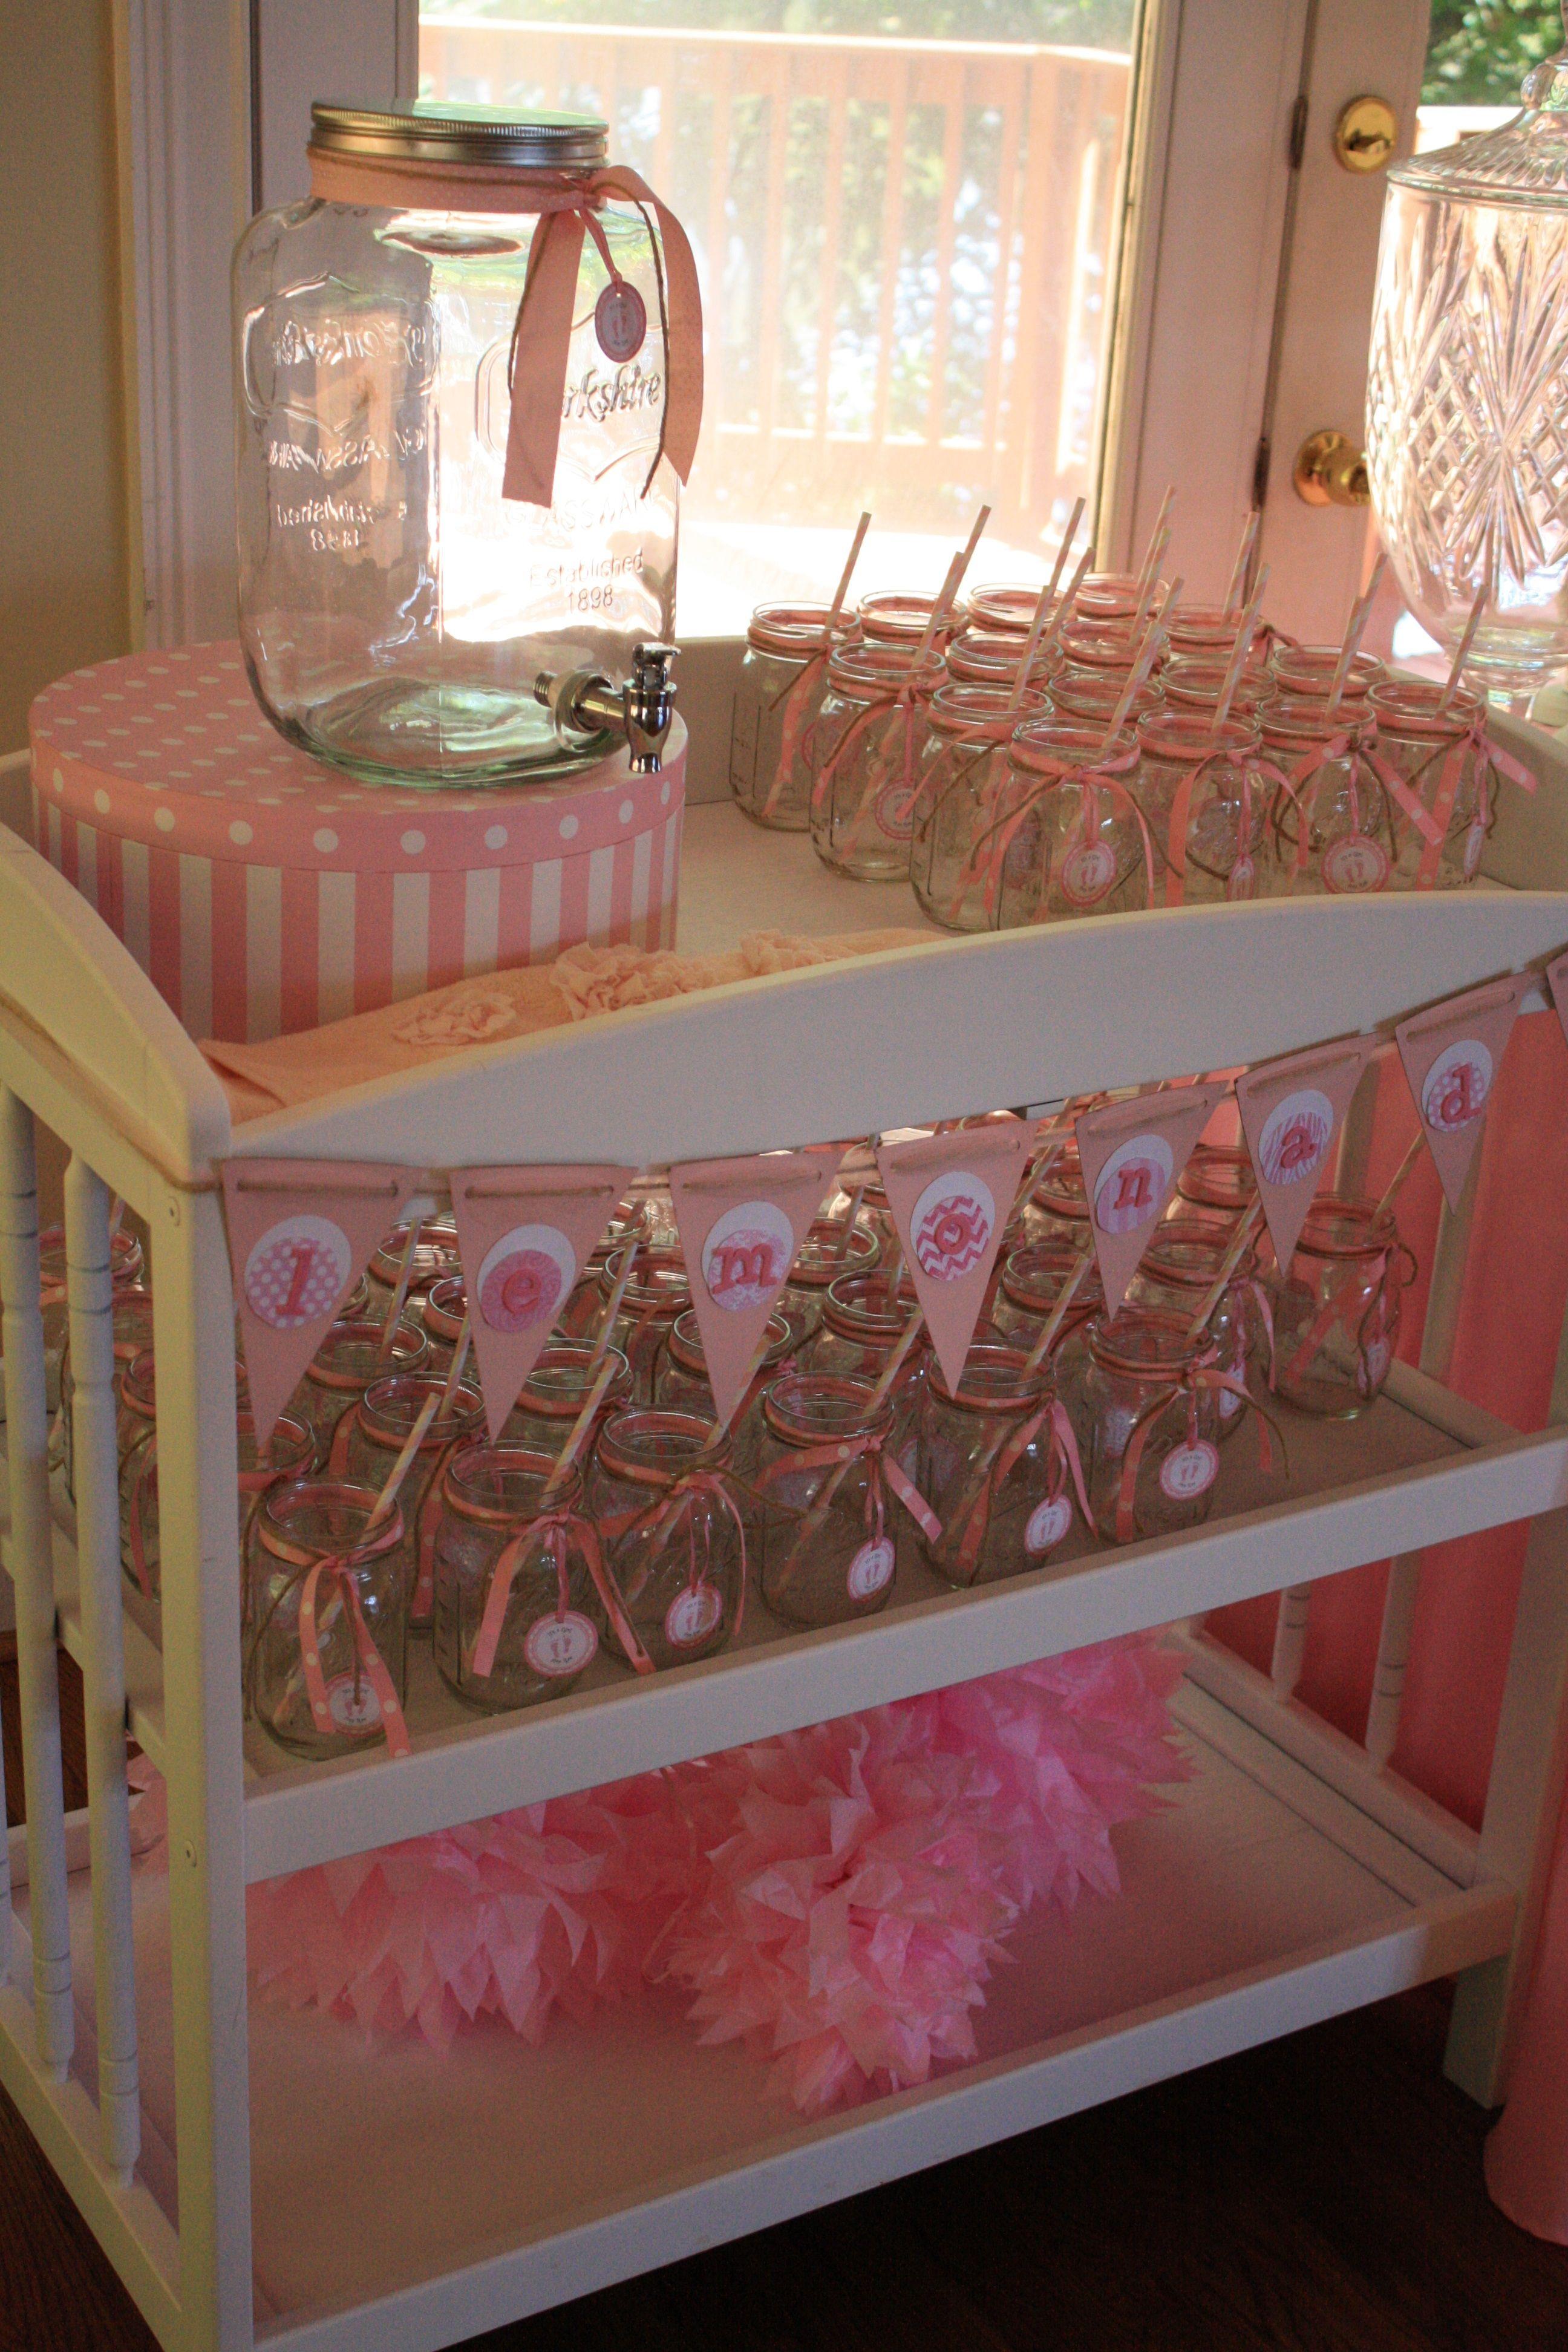 Baby Shower Lemonade Stand Baby shower fun, Cute baby